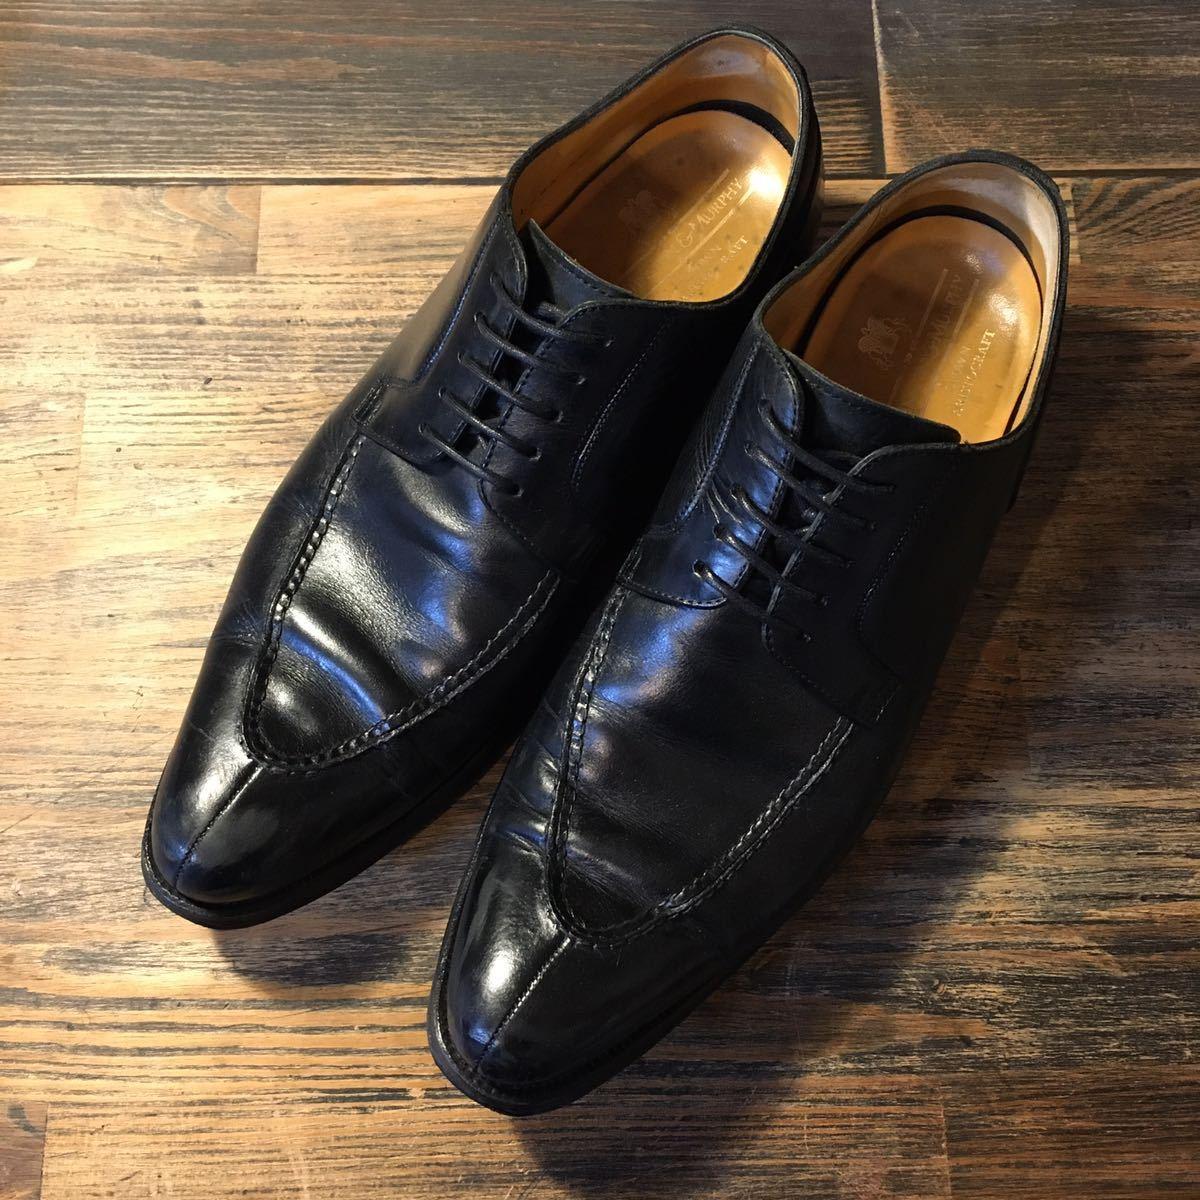 JOHNSTON&MURPHY ジョンストン&マーフィー 革靴 ビジネスシューズ 黒 本革 レザーシューズ ドレスシューズ ビブラムソール vibram_画像2